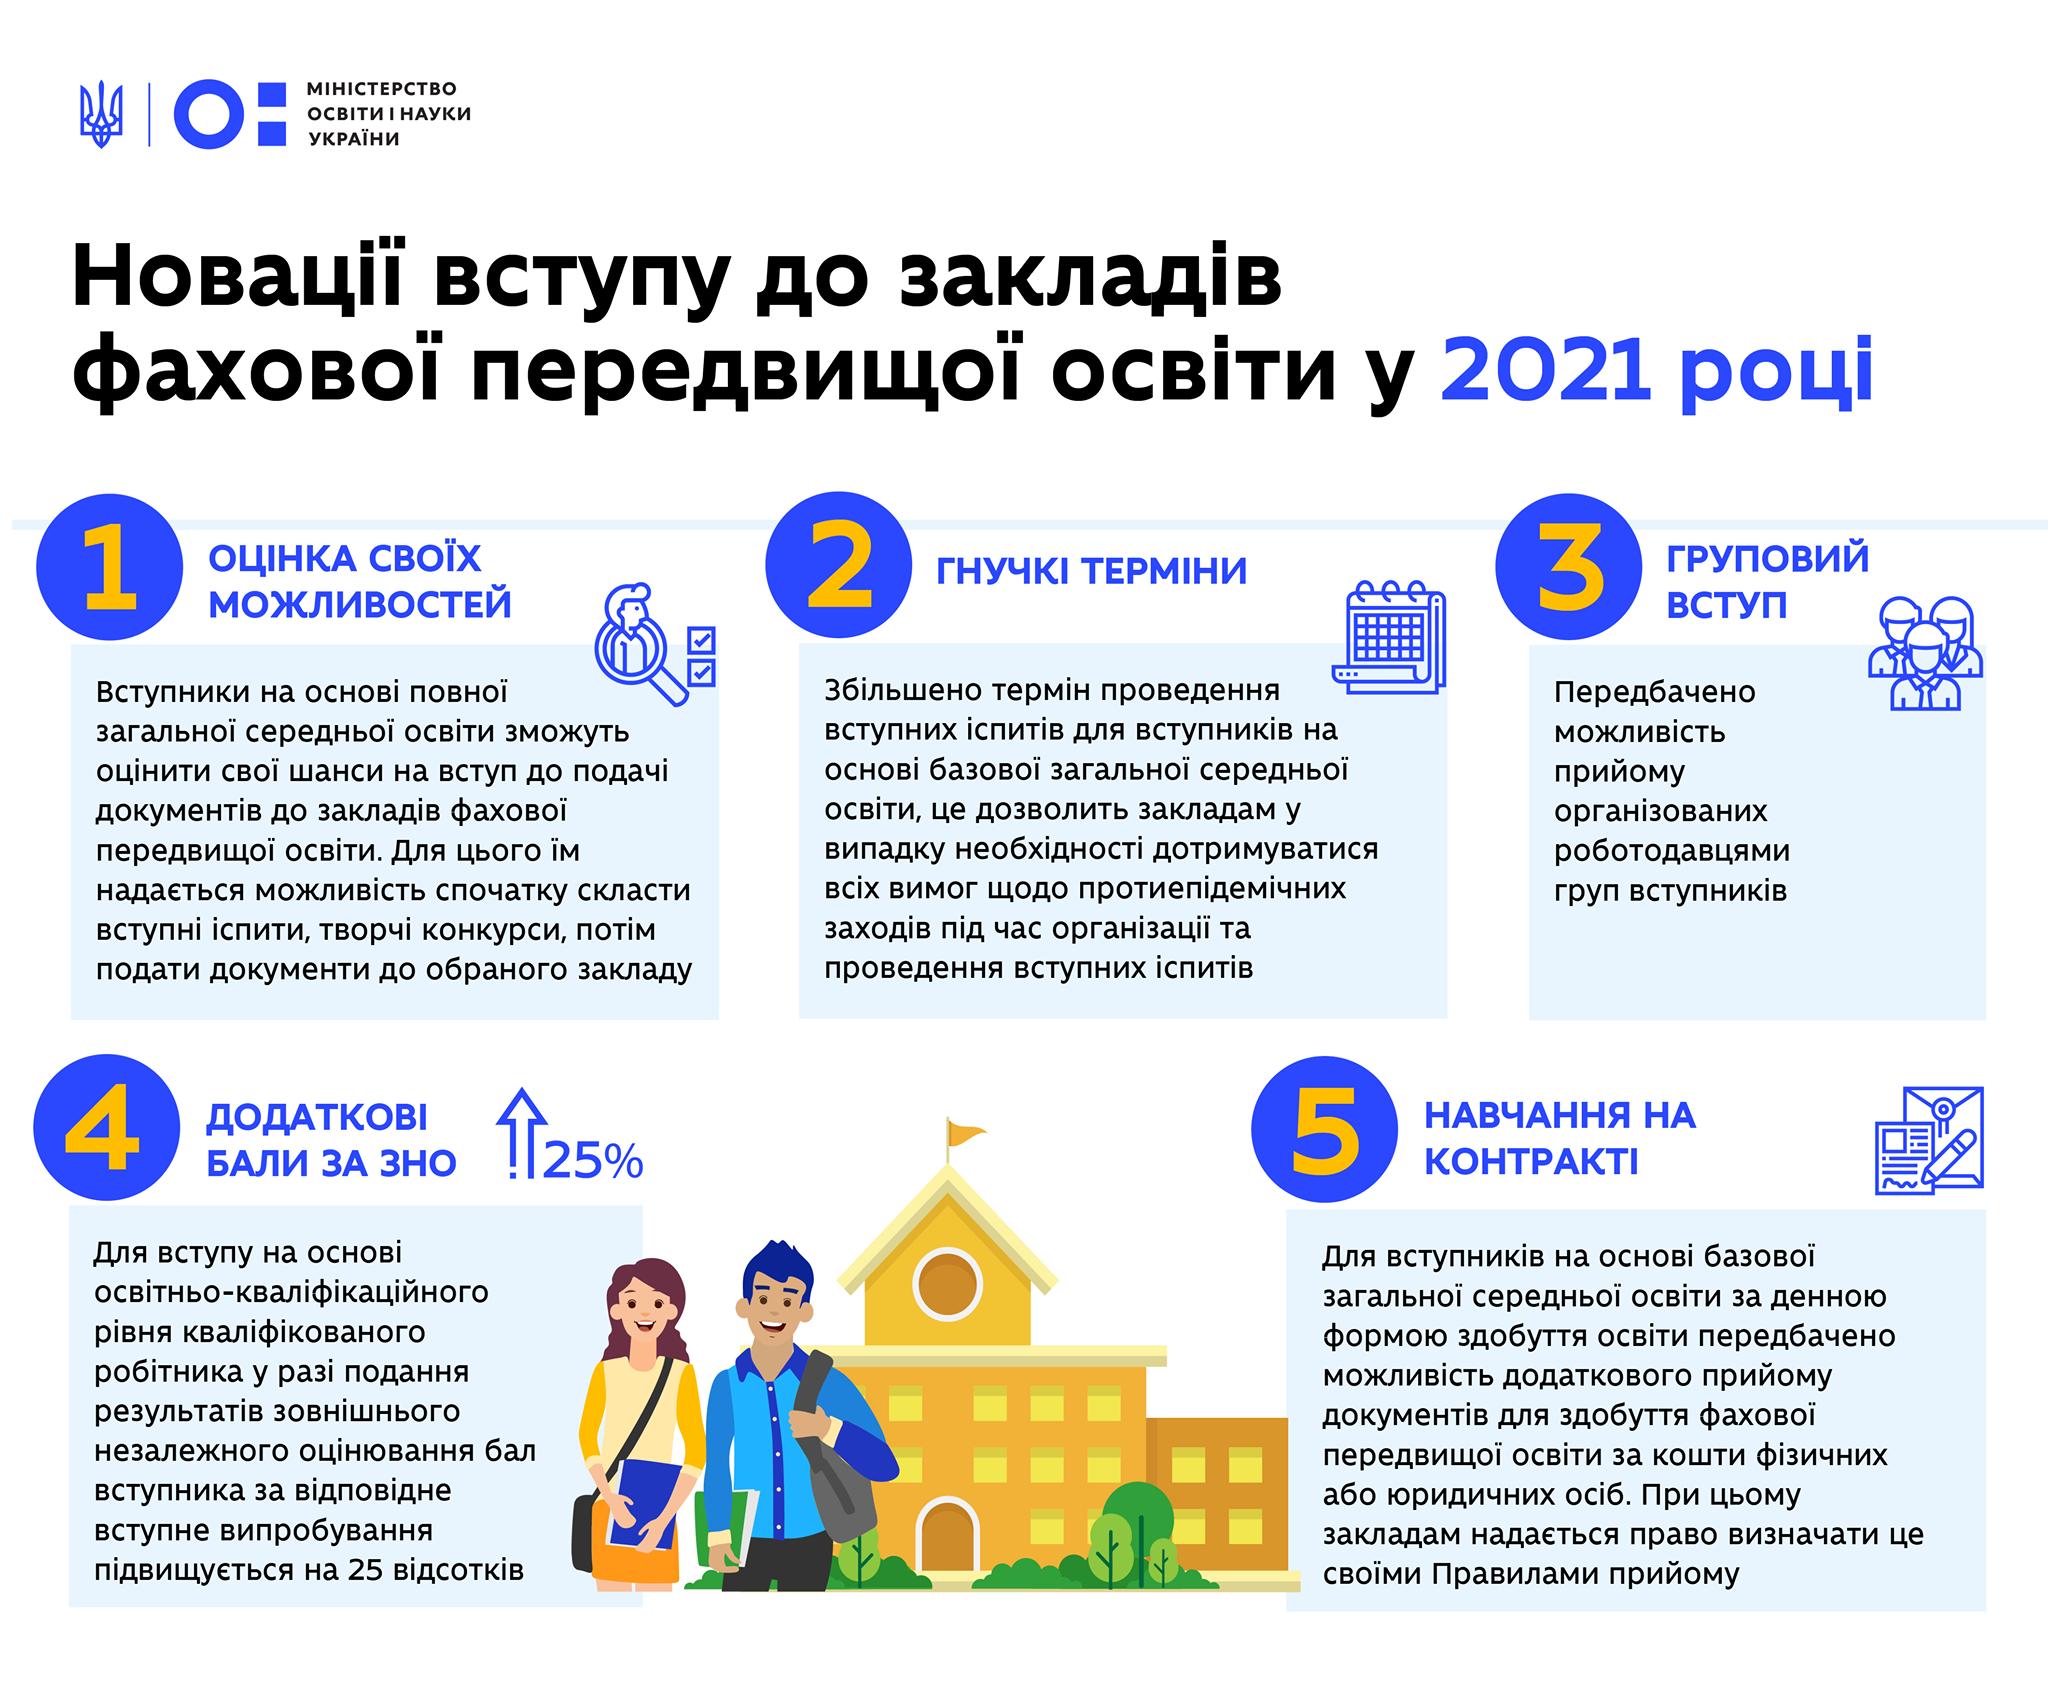 Новації вступу до закладів ФАХОВОЇ ПЕРЕДВИЩОЇ ОСВІТИ у 2021 році